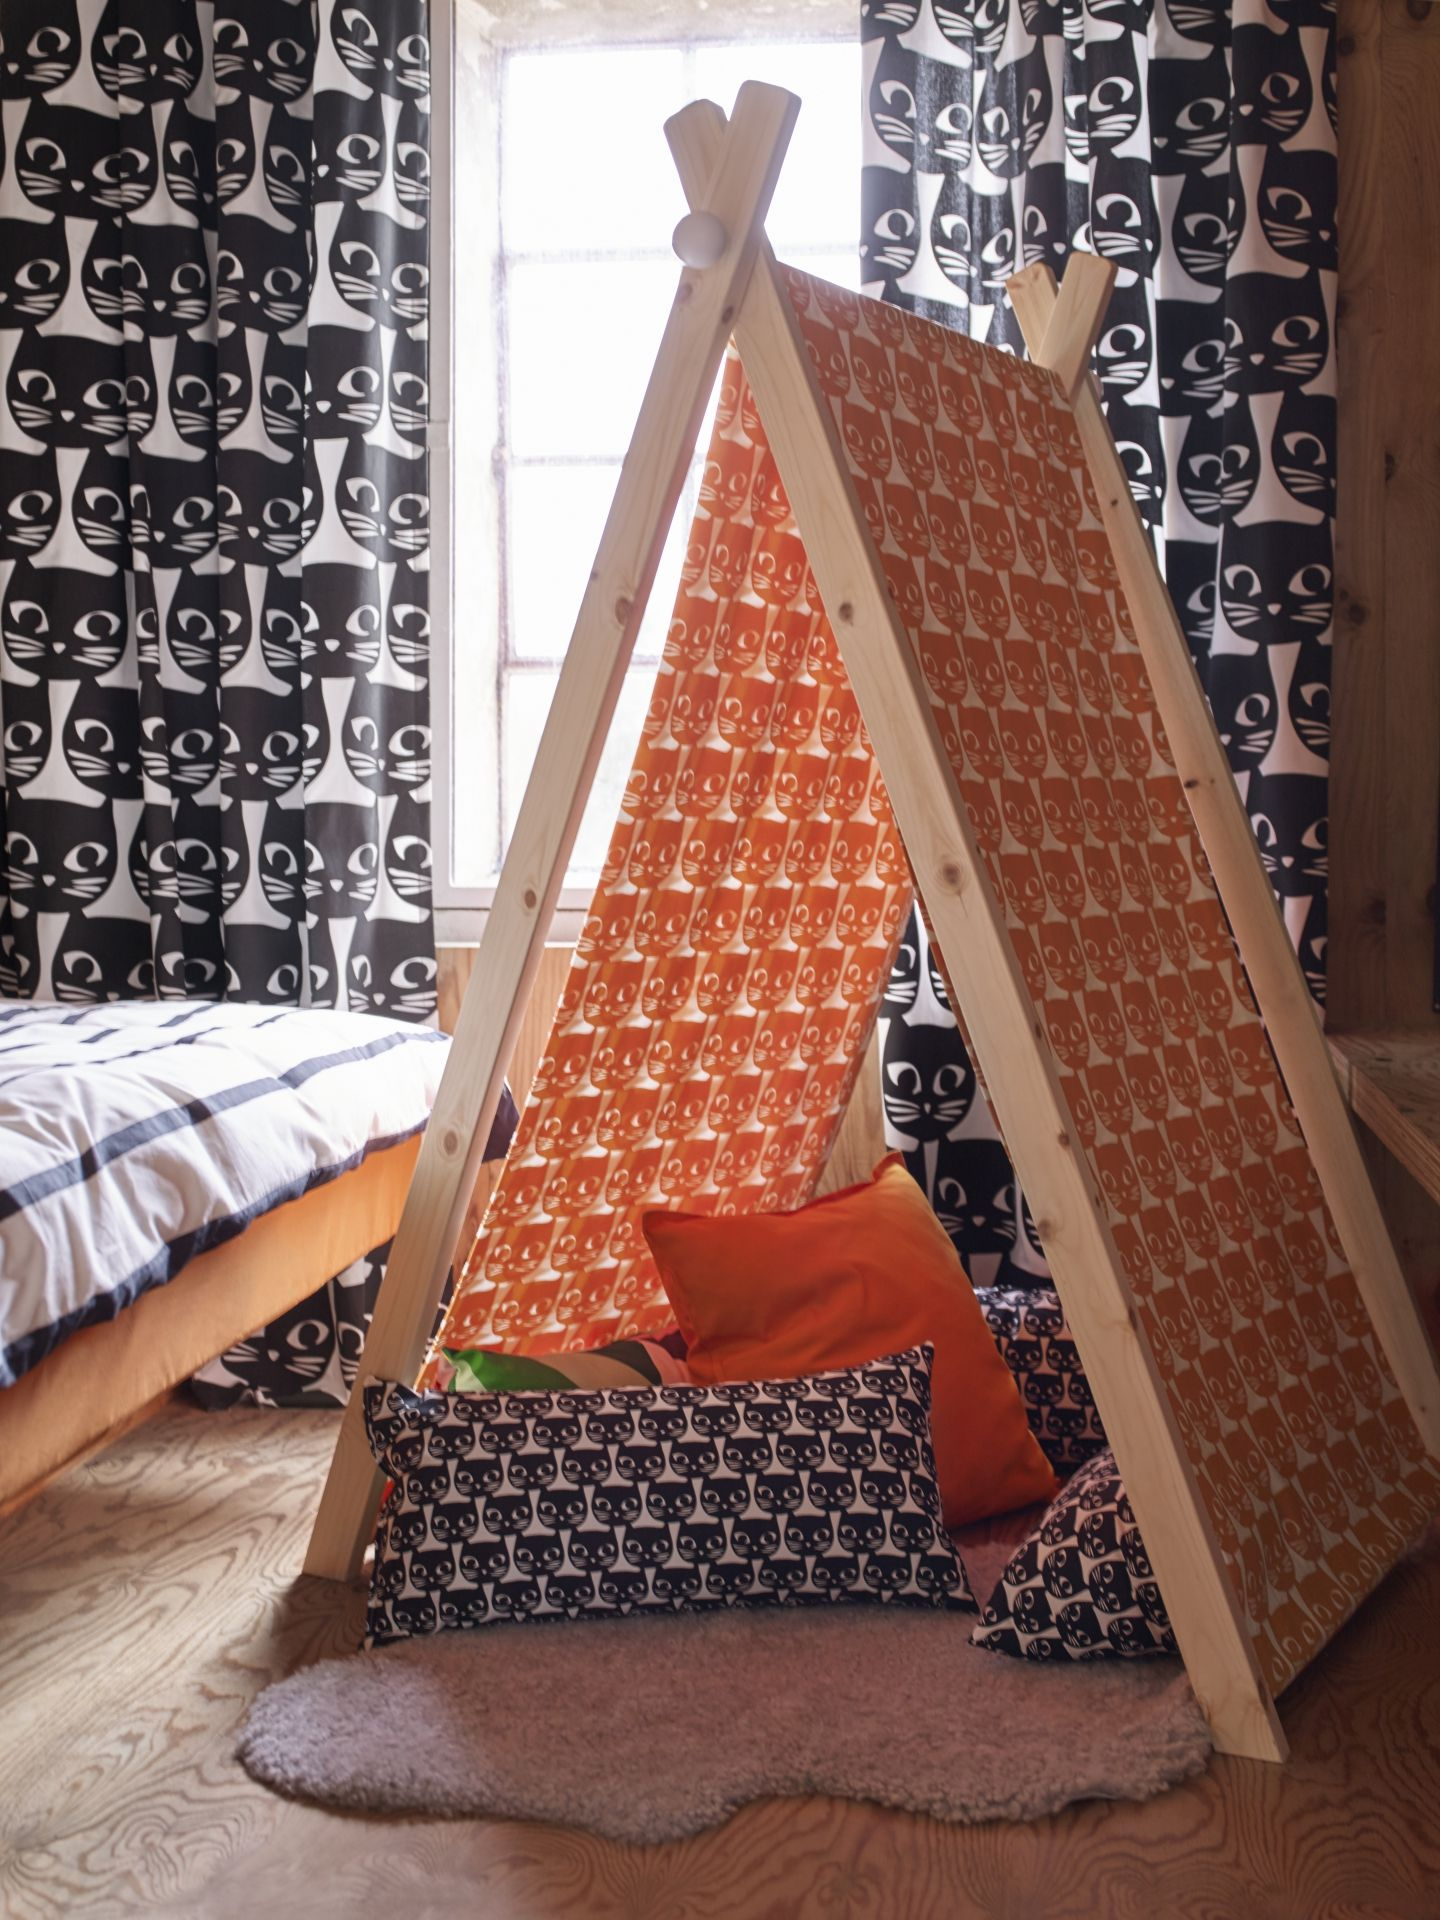 Speeltent - Kinderen | Pinterest - Oranje katten, Gordijnen en Ikea